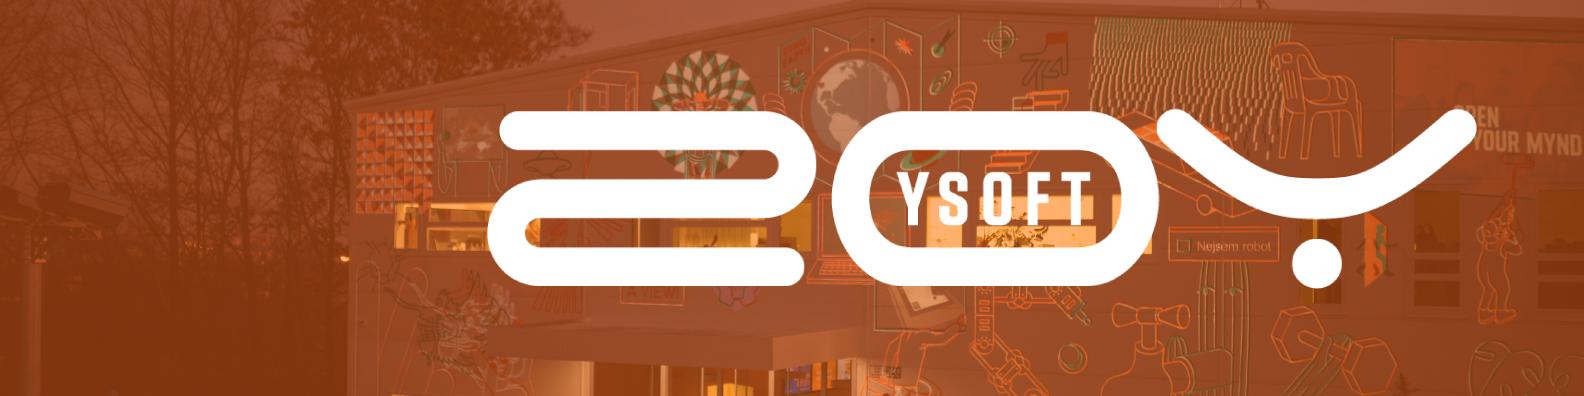 Brněnští Y Soft již 20 let inovují globální trh s 3D tiskem